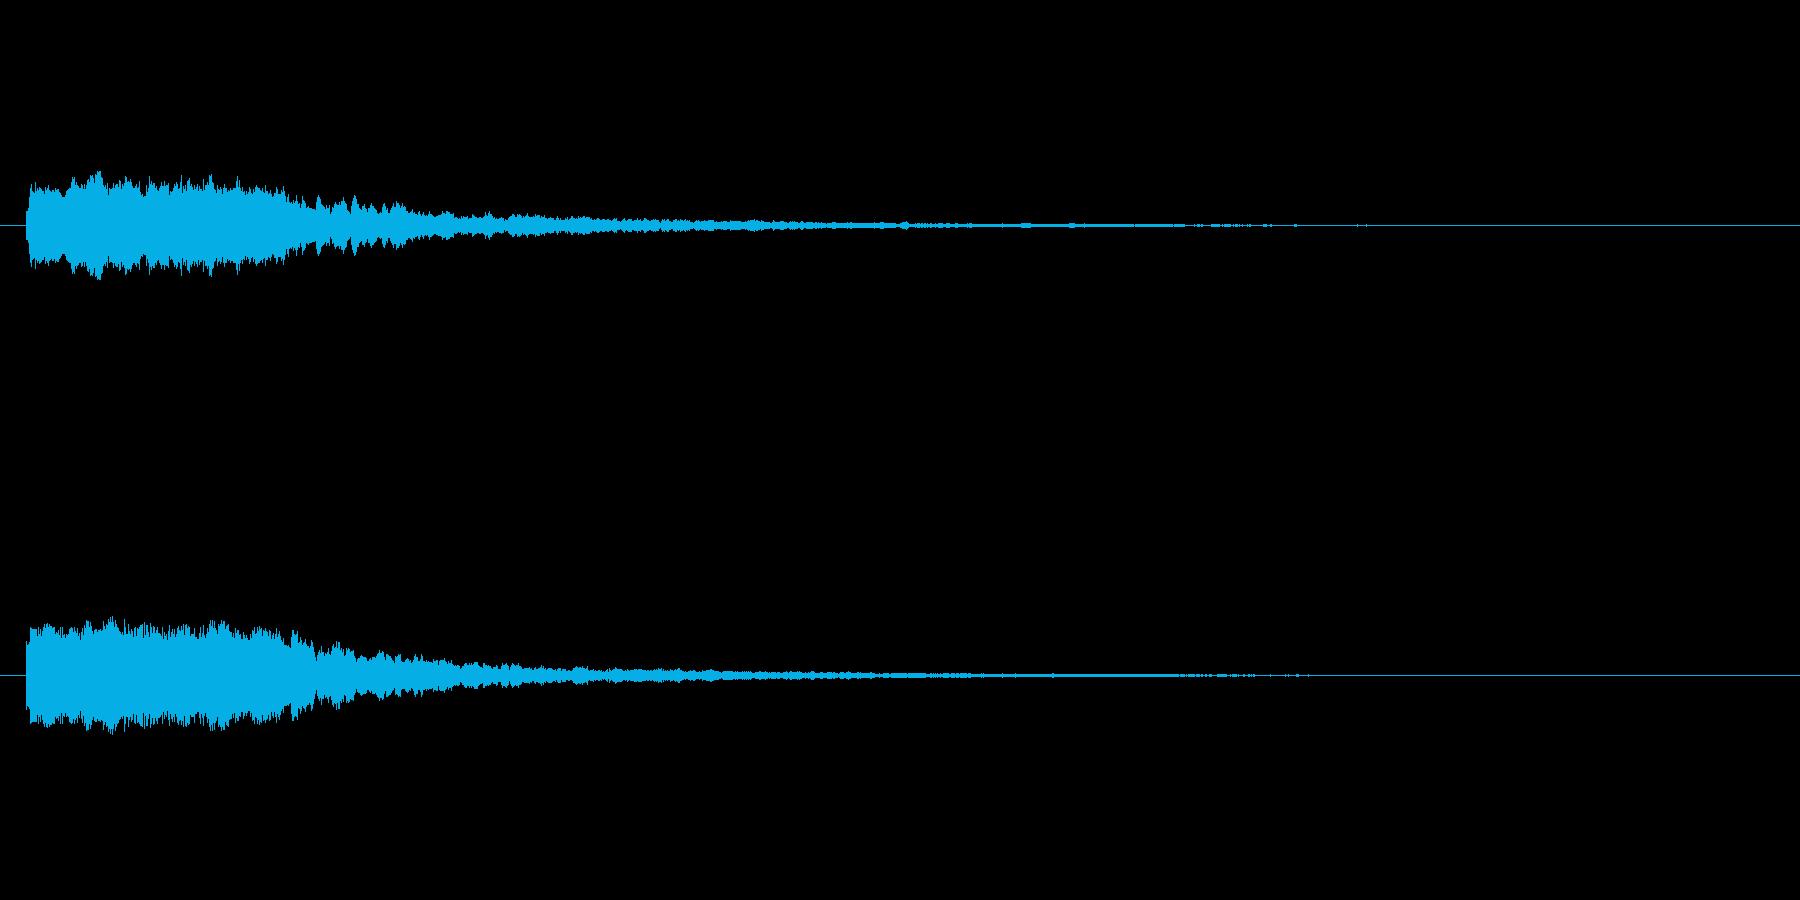 宇宙、サイバー感に包まれるような効果音の再生済みの波形